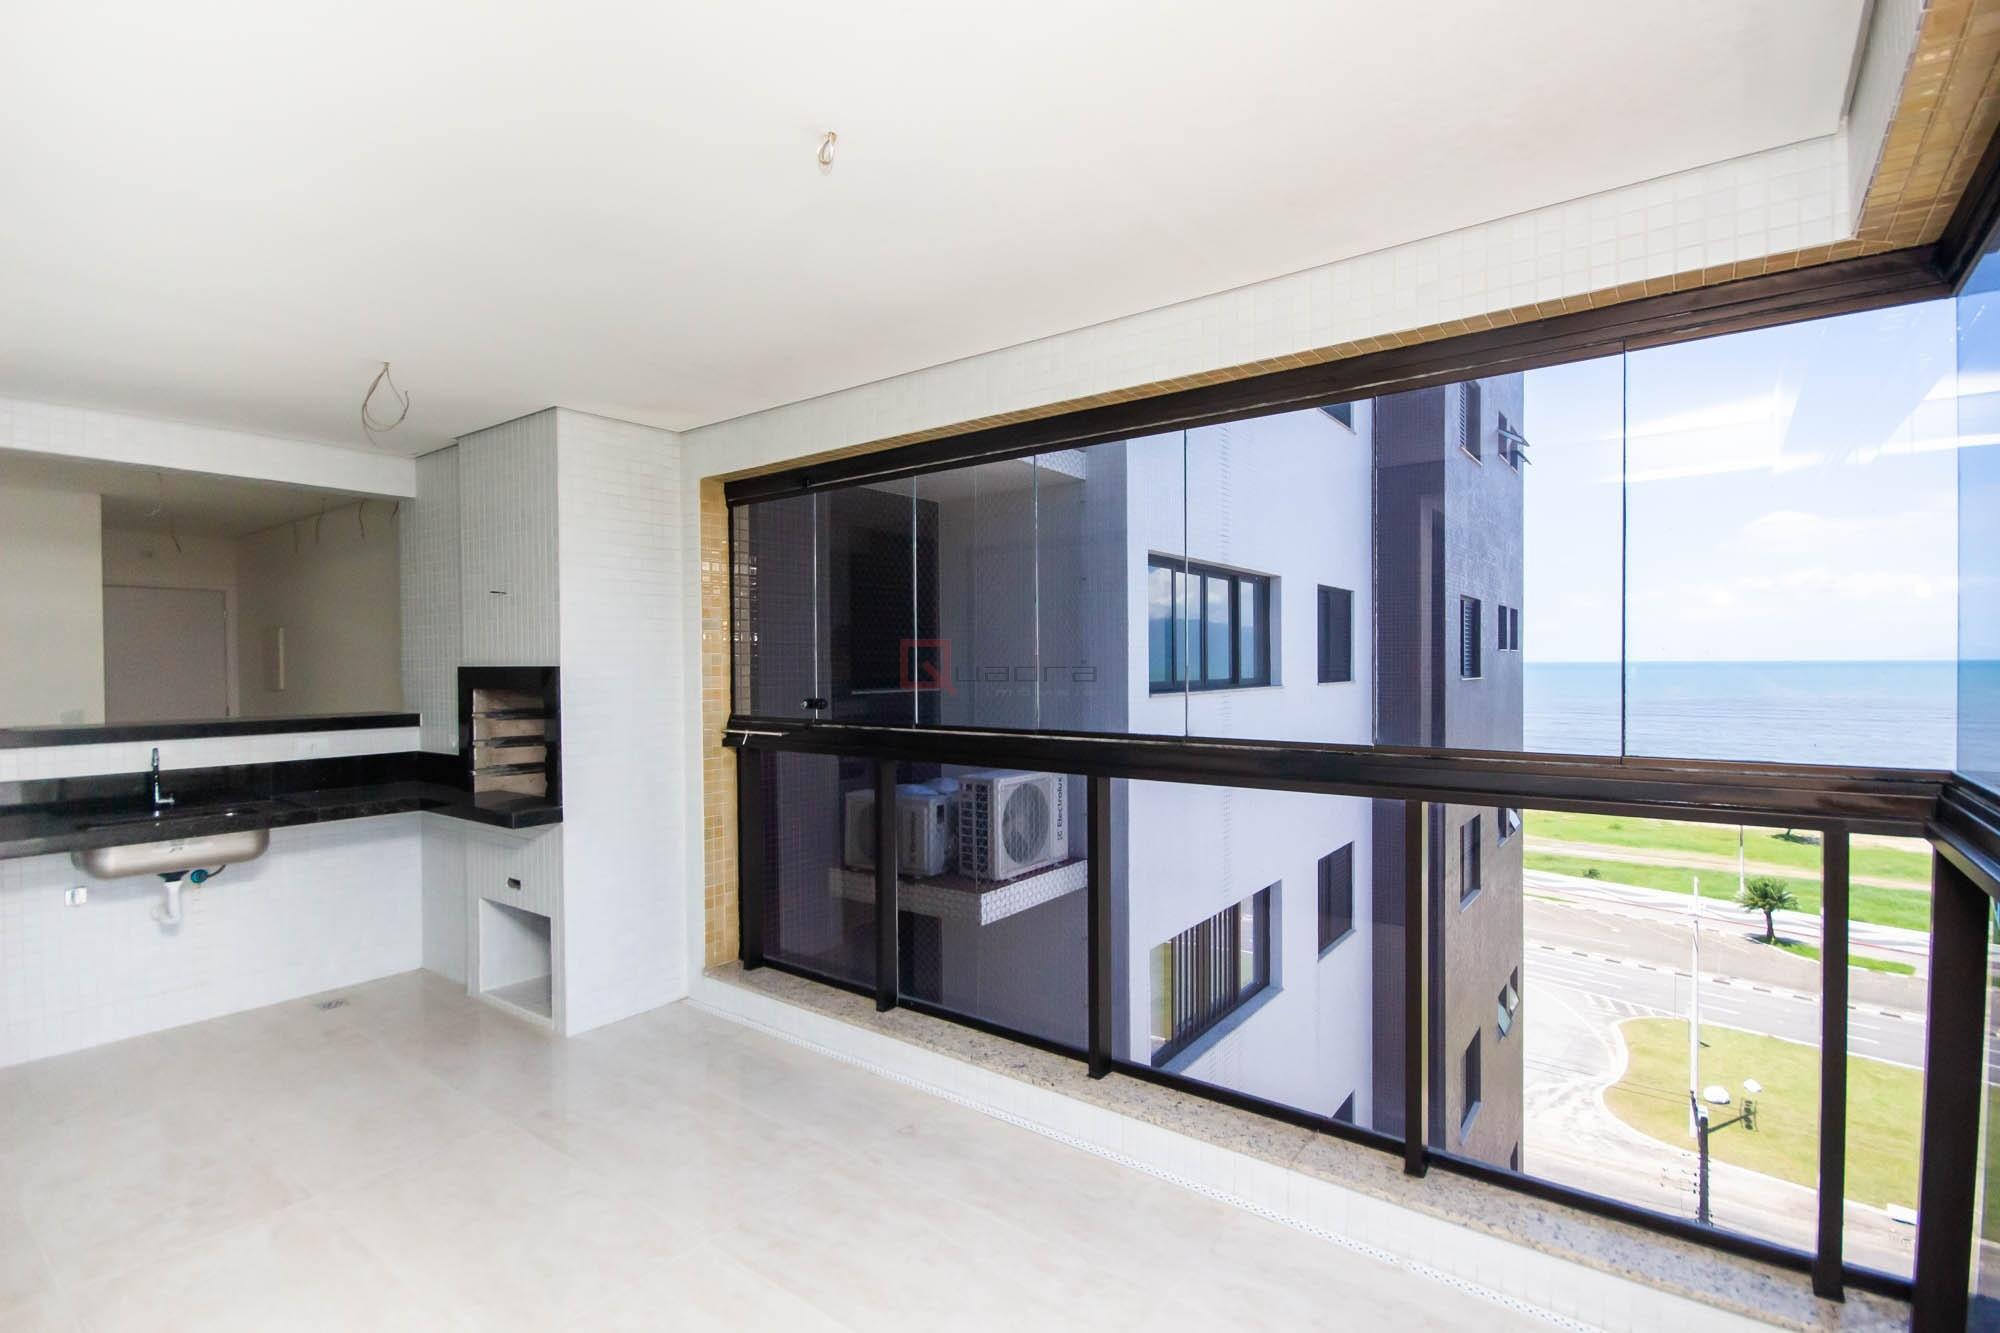 Apartamento com 3 dormitórios (1 suíte) à venda em Caraguatatuba, no bairro Indaiá